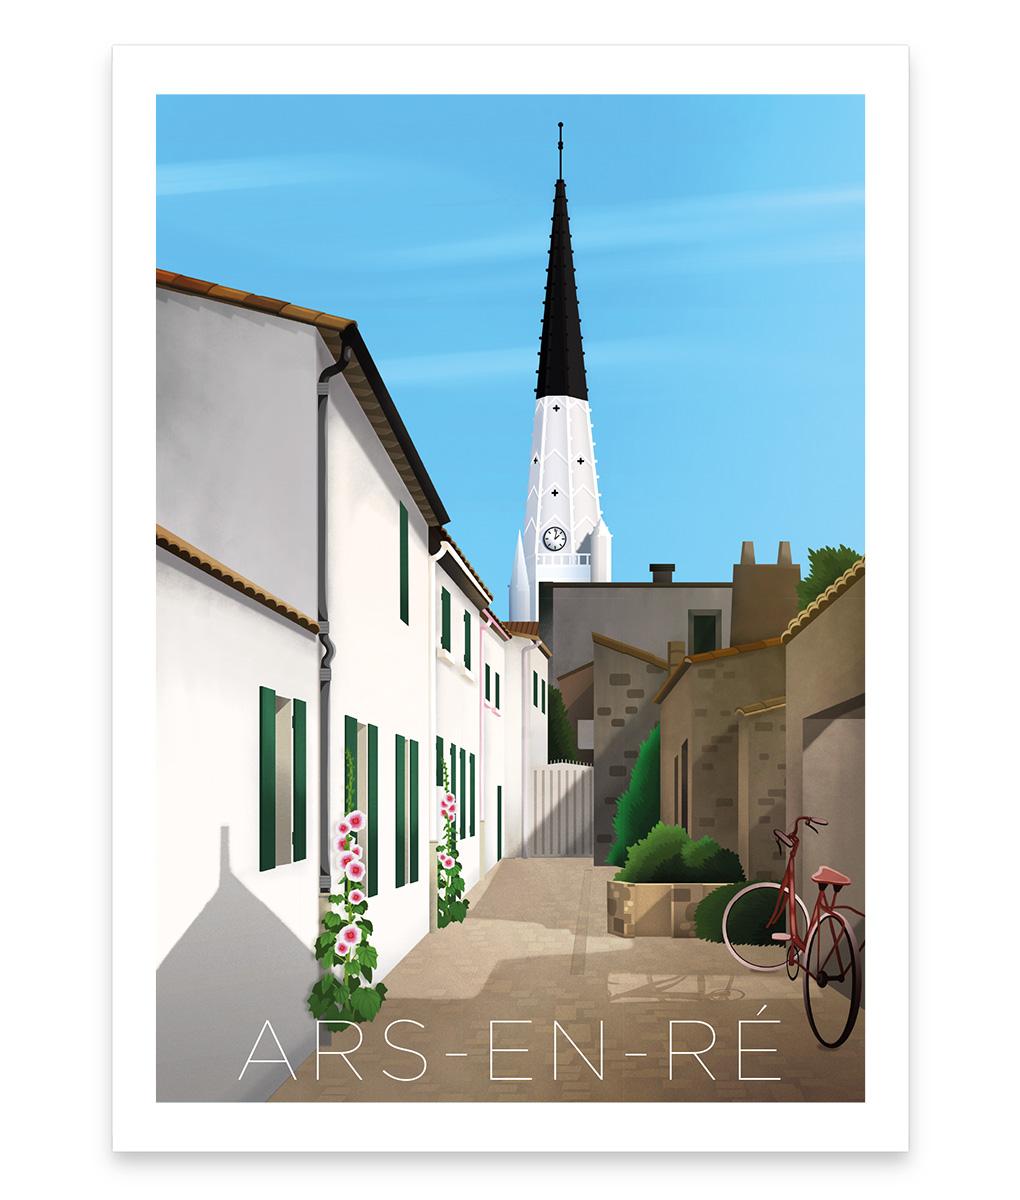 Ars-en-ré, une affiche vintage du magnifique clocher blanc à la flèche noire